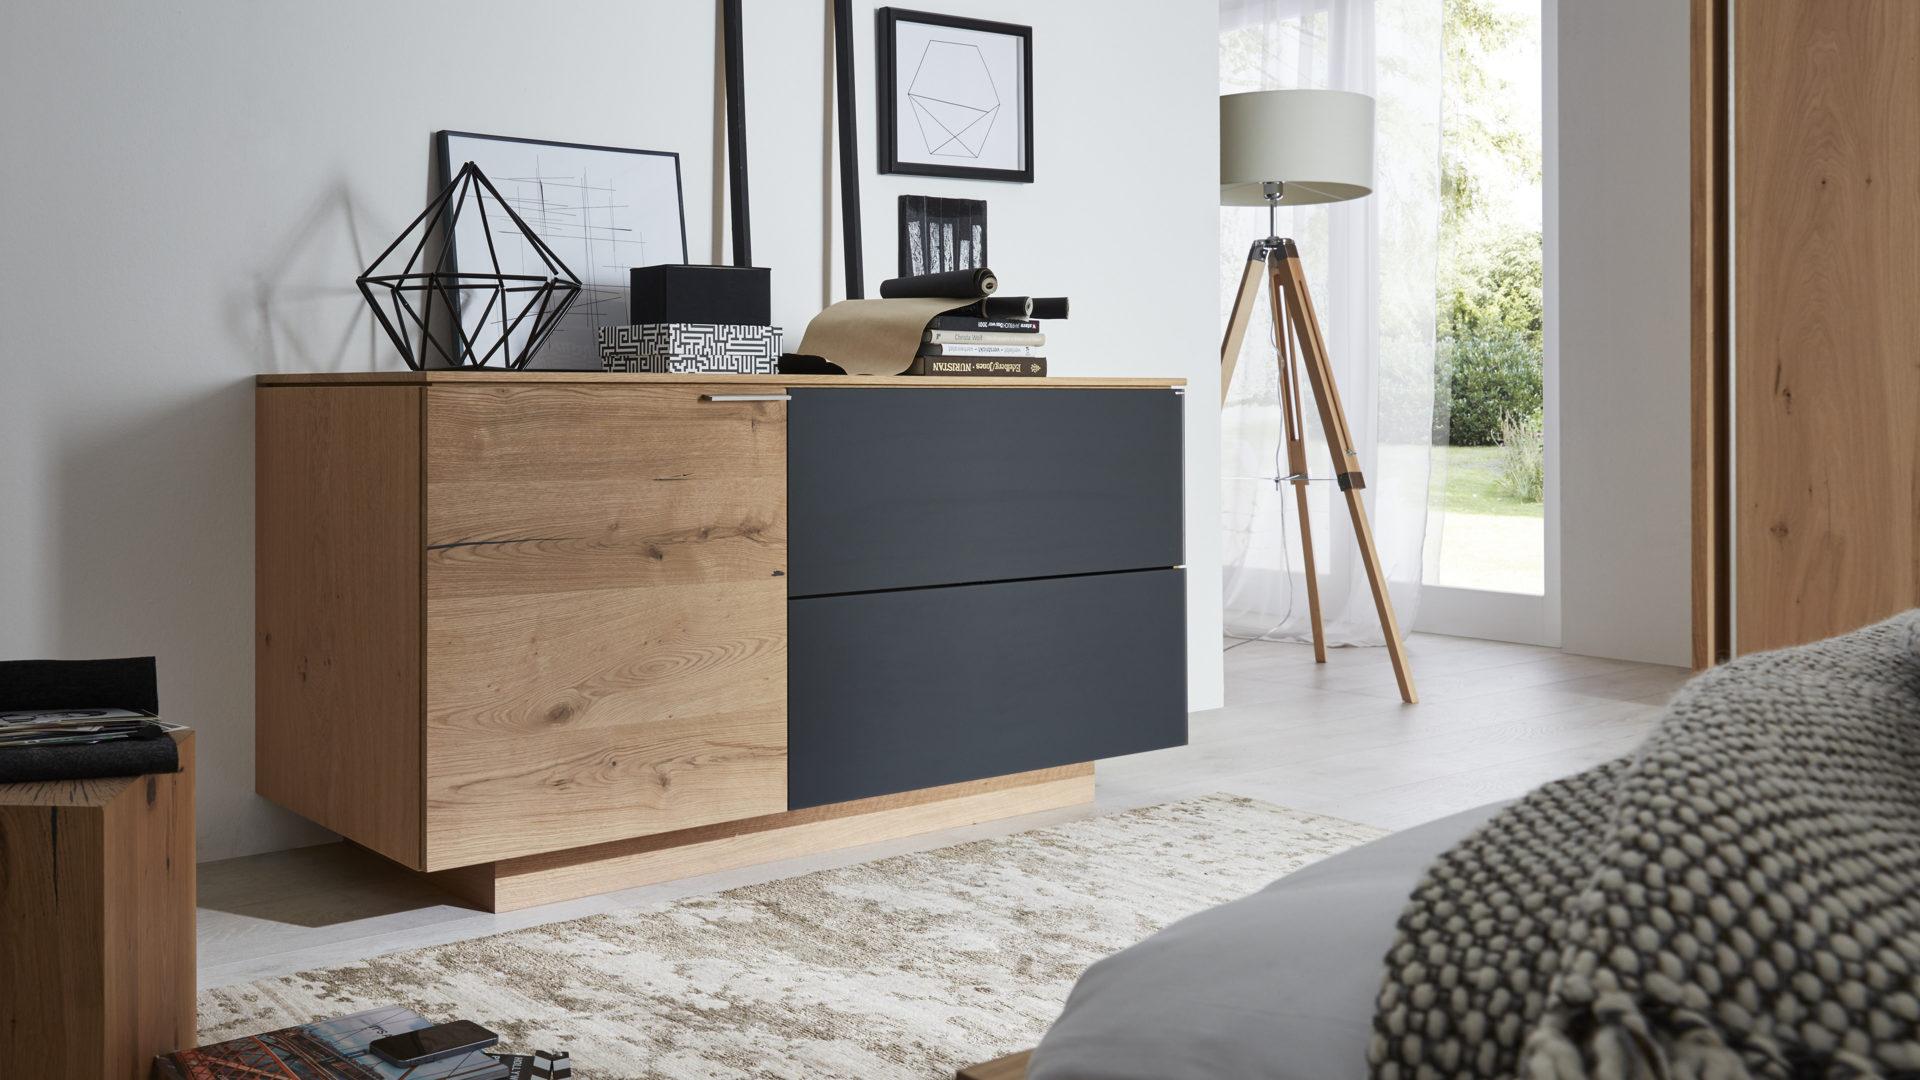 Interliving Schlafzimmer Serie 1004 – Kommode, Alteiche Rustiko & Anthrazit  – eine Tür, zwei Schubladen